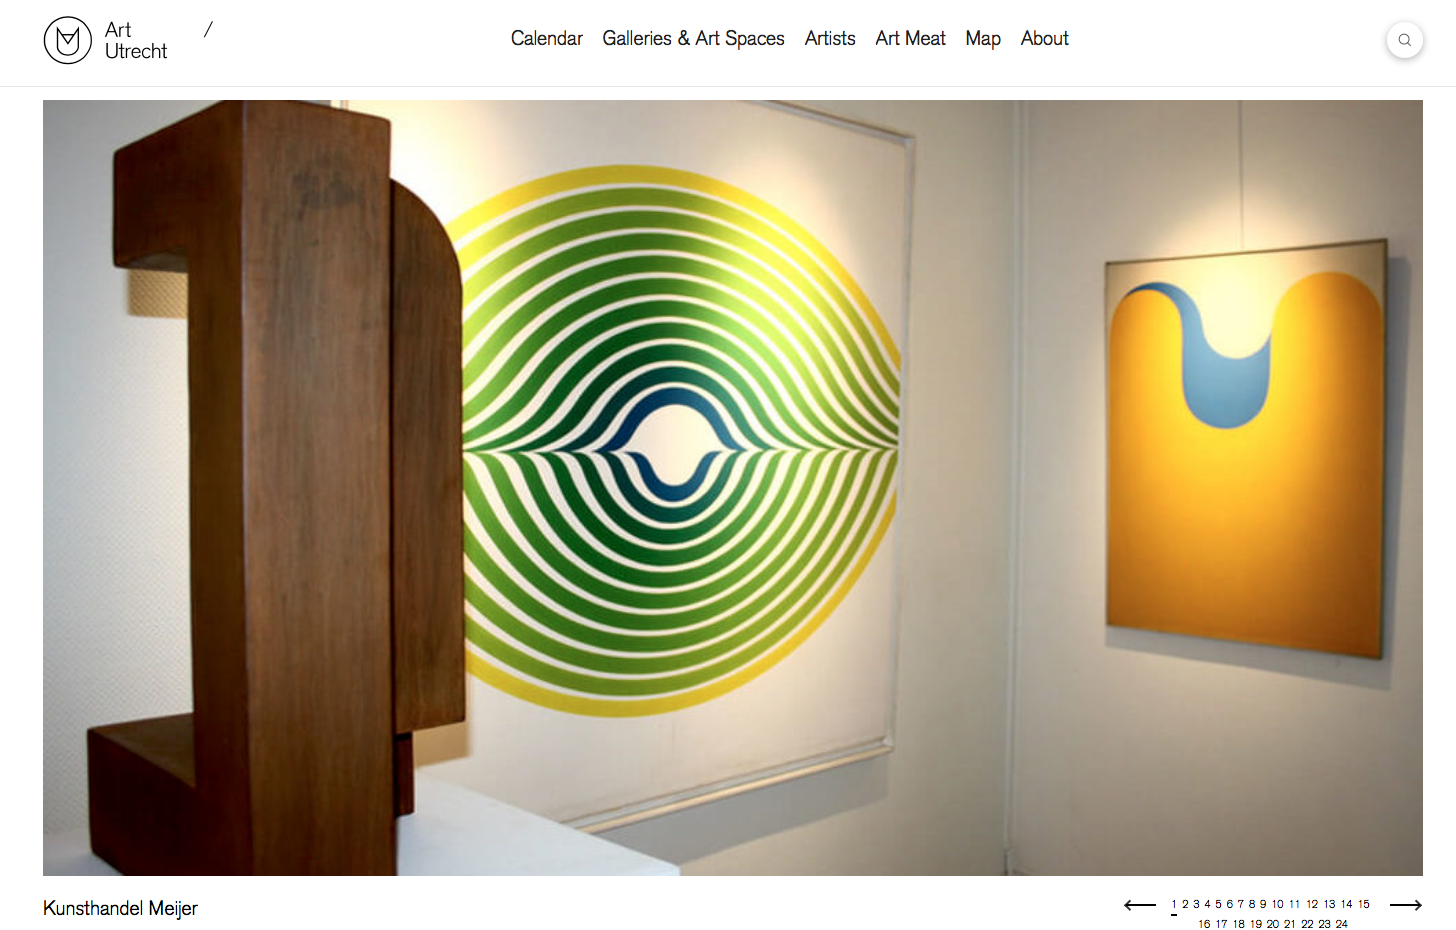 De NUK / Art Utrecht brengt online overzicht van activiteiten in Utrechtse kunstsector